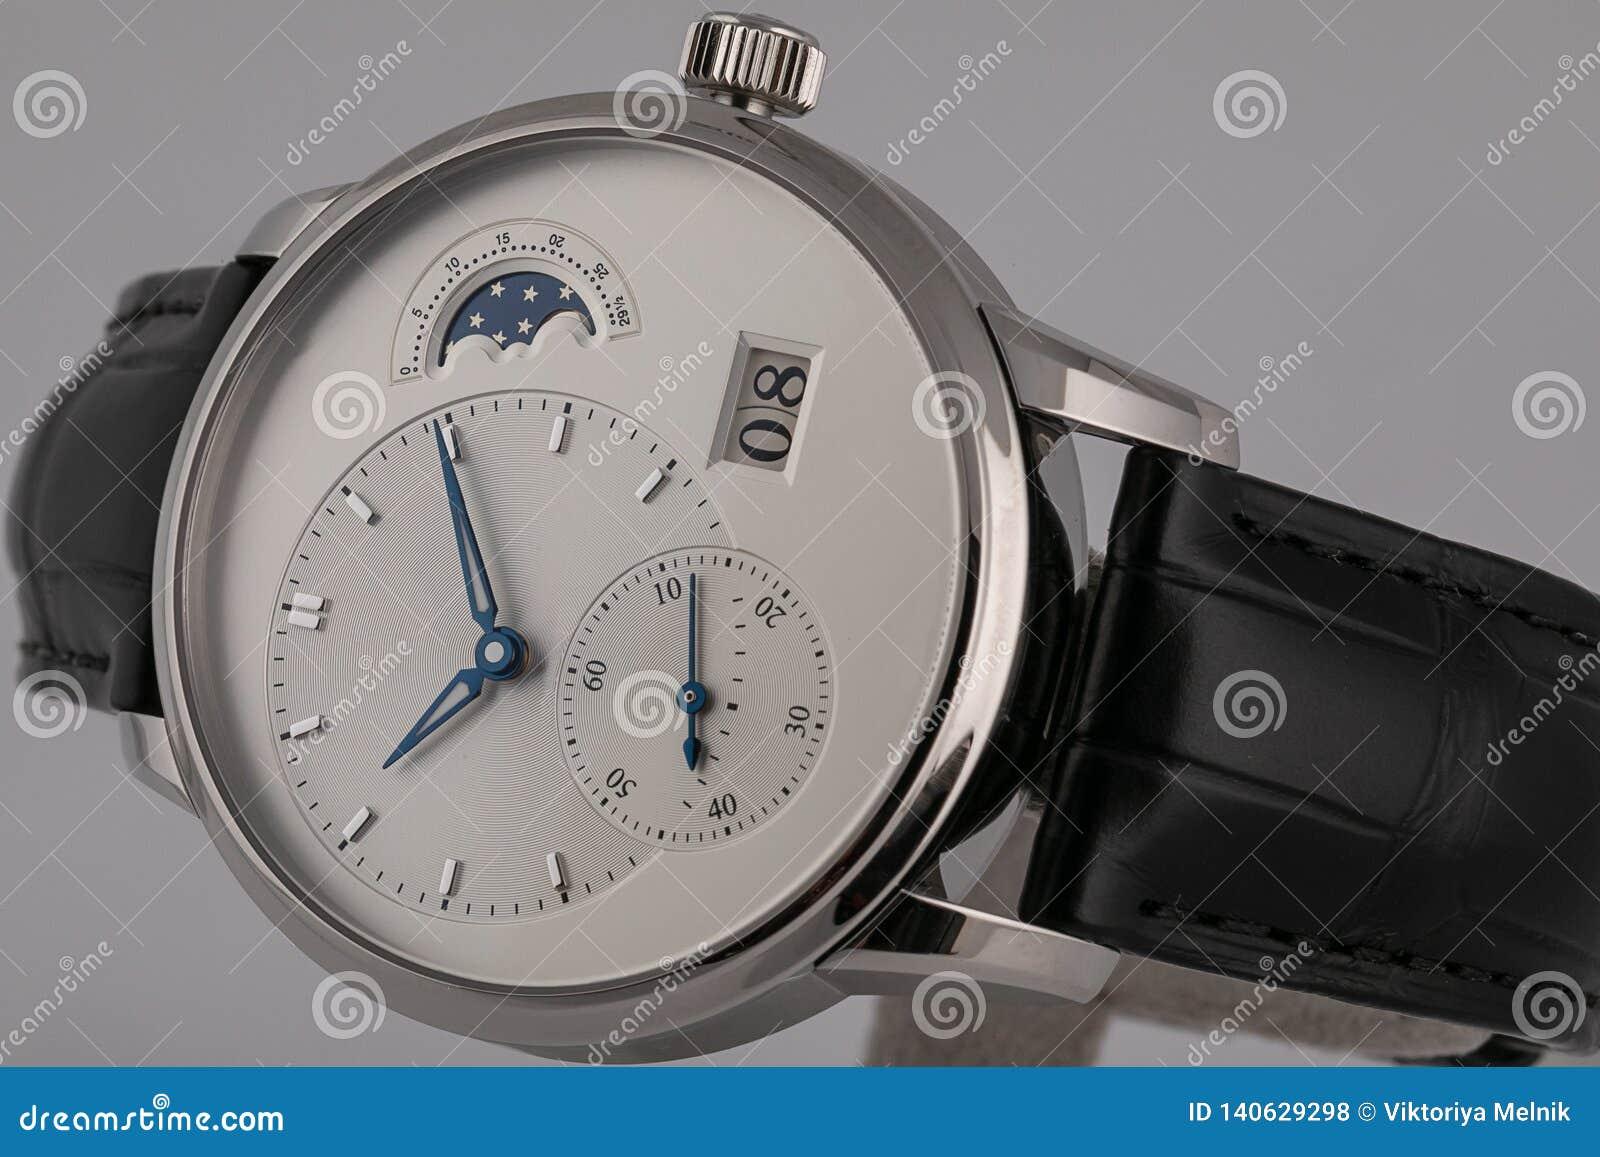 有黑皮带,白色拨号盘,蓝色在白色背景和秒表的人的手表隔绝的顺时针,测时器